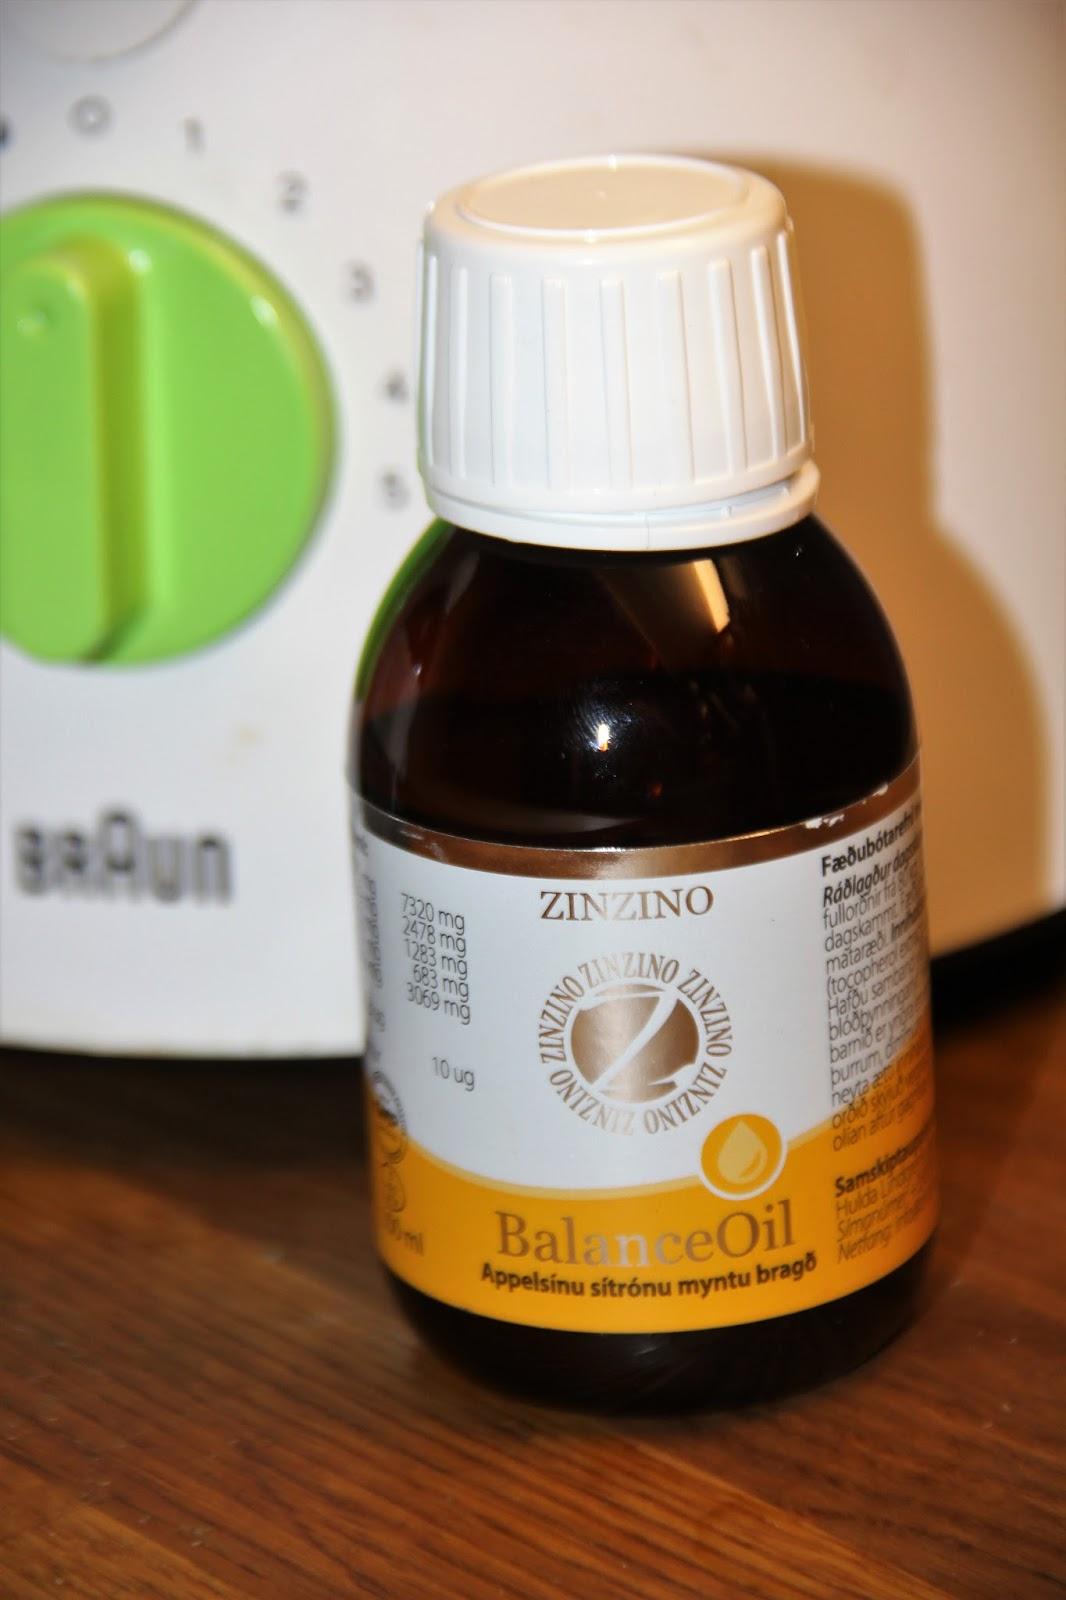 veerand: Zinzino test results